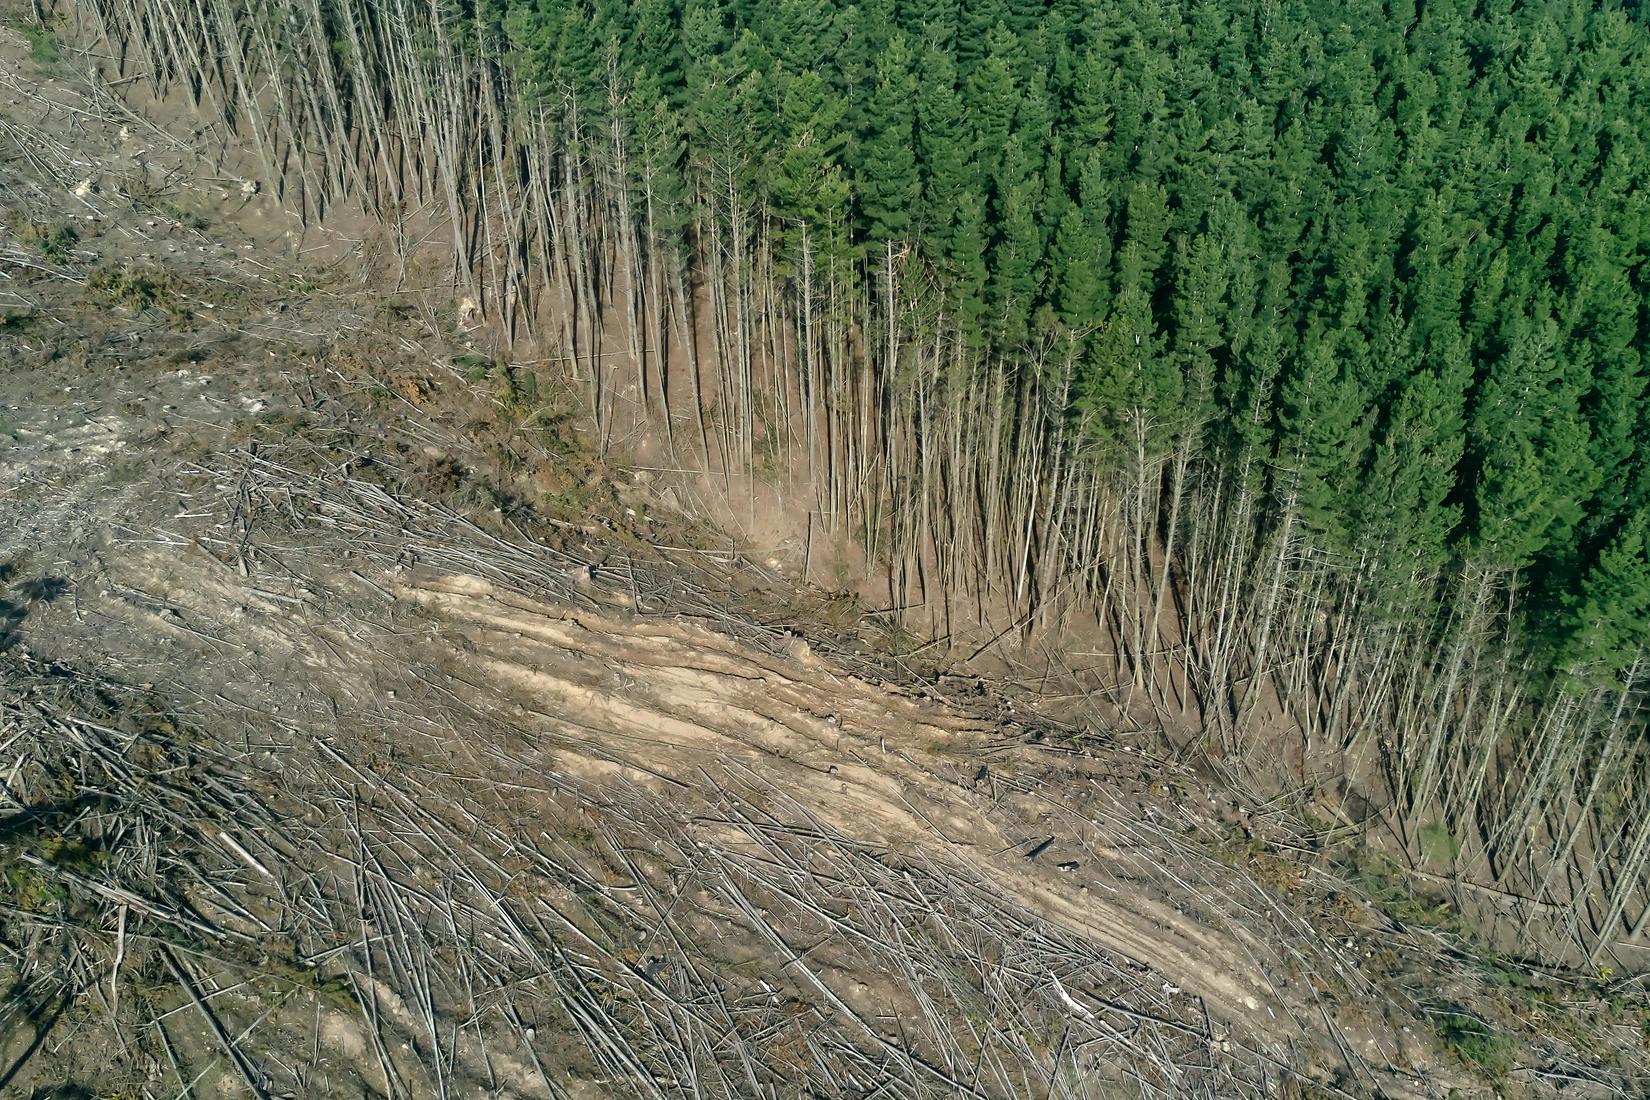 HVO deforestation